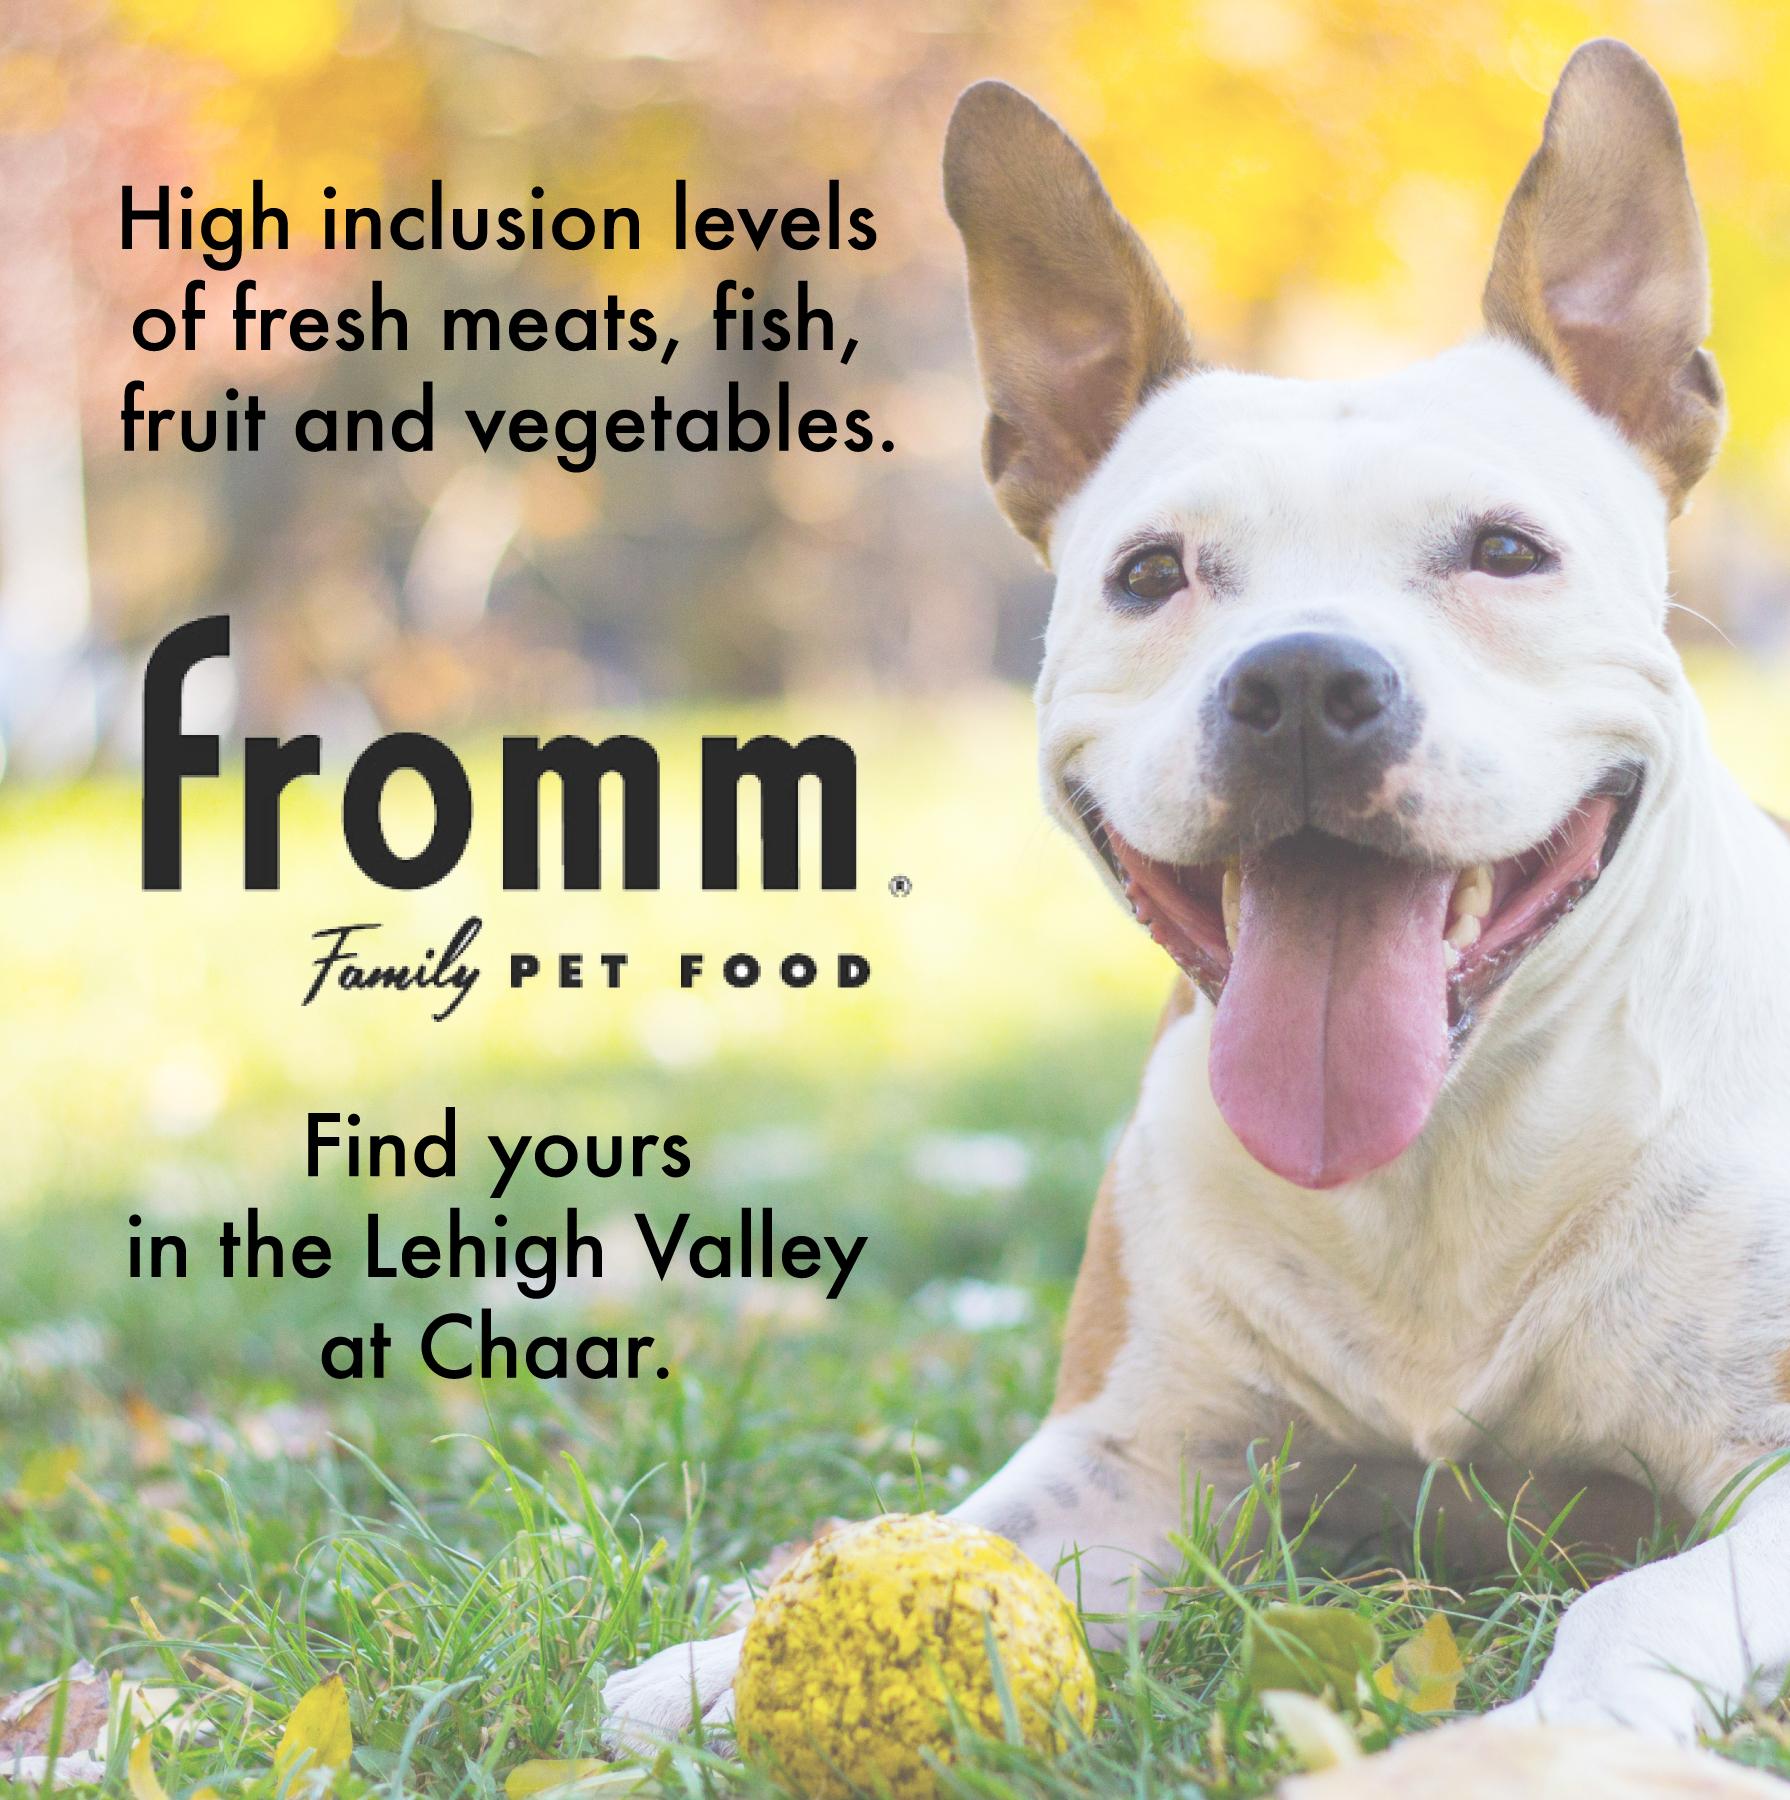 froom-pet-food.jpg